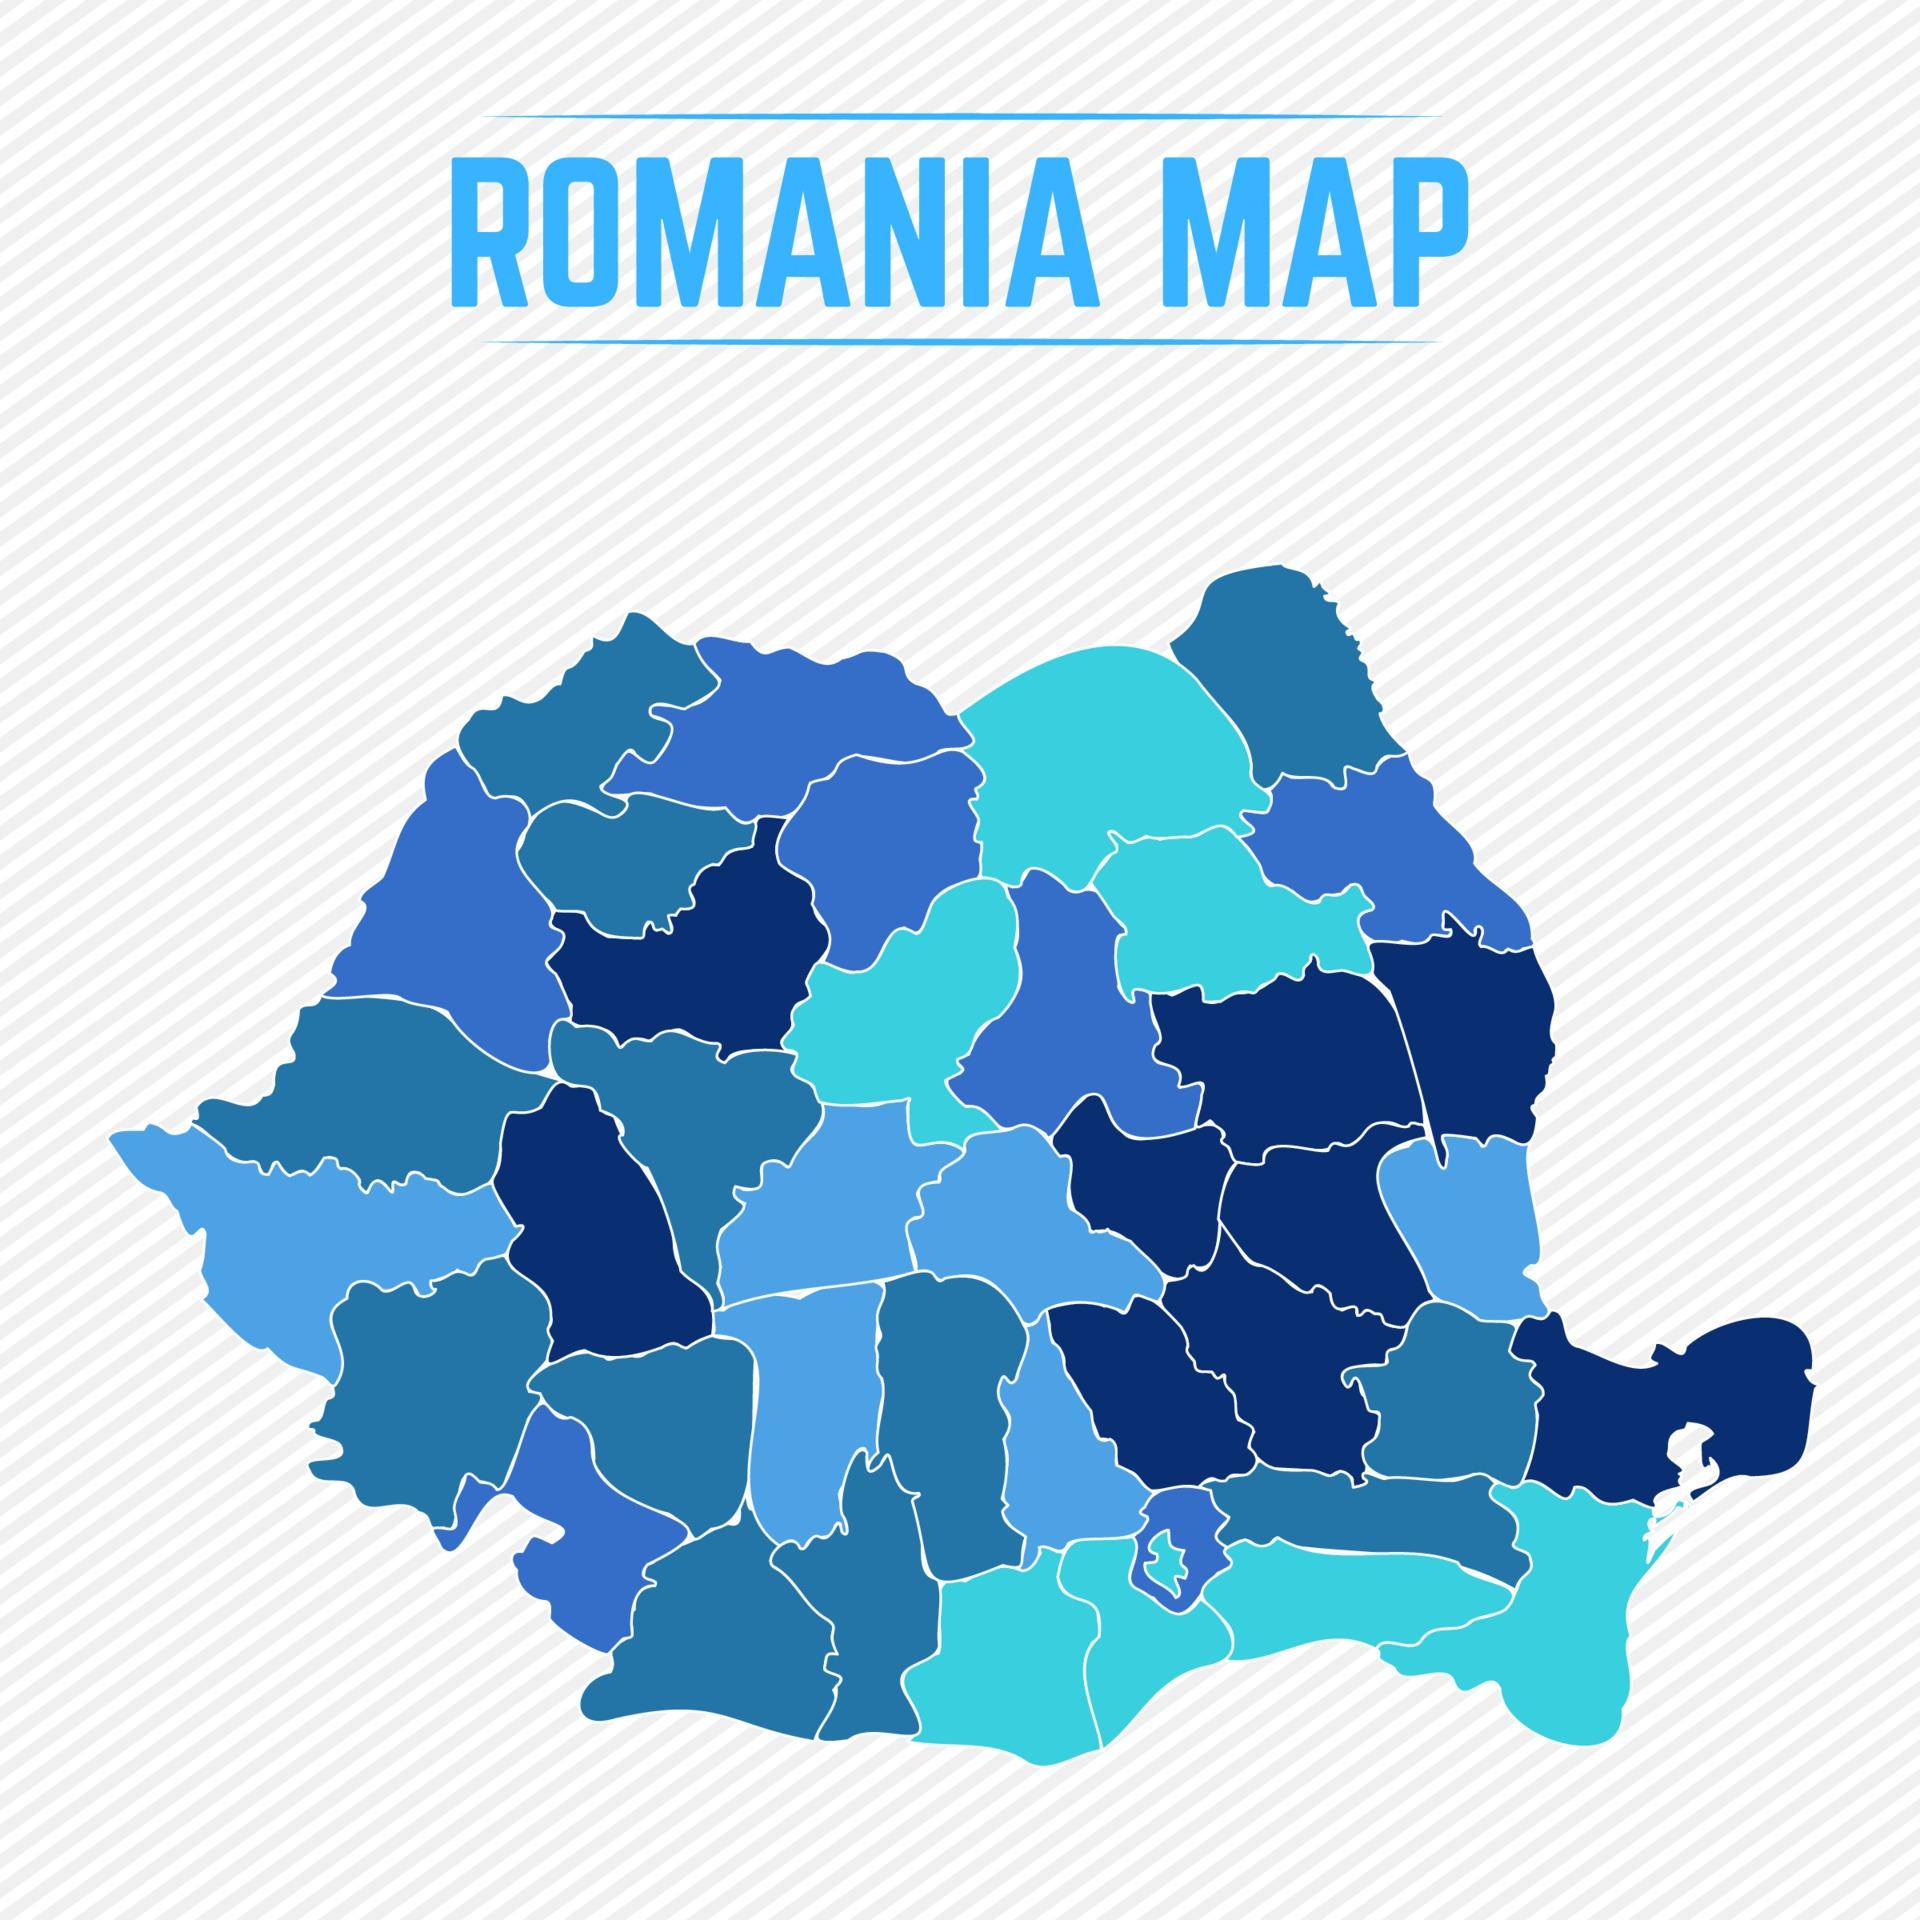 Cartina Dettagliata Romania.Mappa Dettagliata Della Romania Con Gli Stati 2292882 Scarica Immagini Vettoriali Gratis Grafica Vettoriale E Disegno Modelli